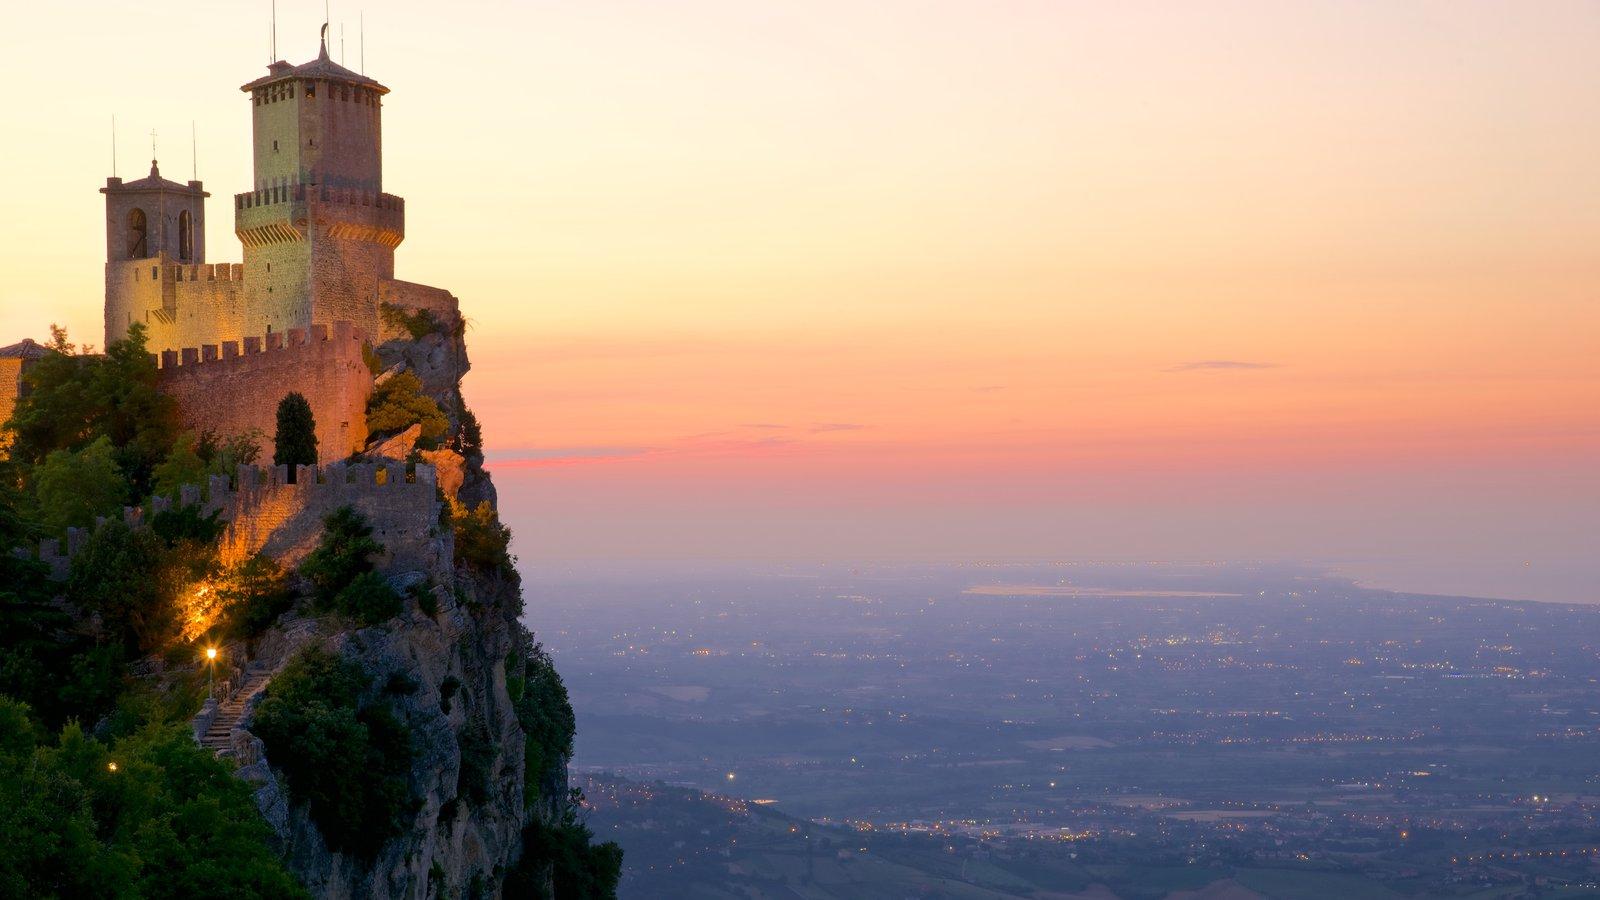 Torre Guaita que incluye elementos del patrimonio, una puesta de sol y castillo o palacio